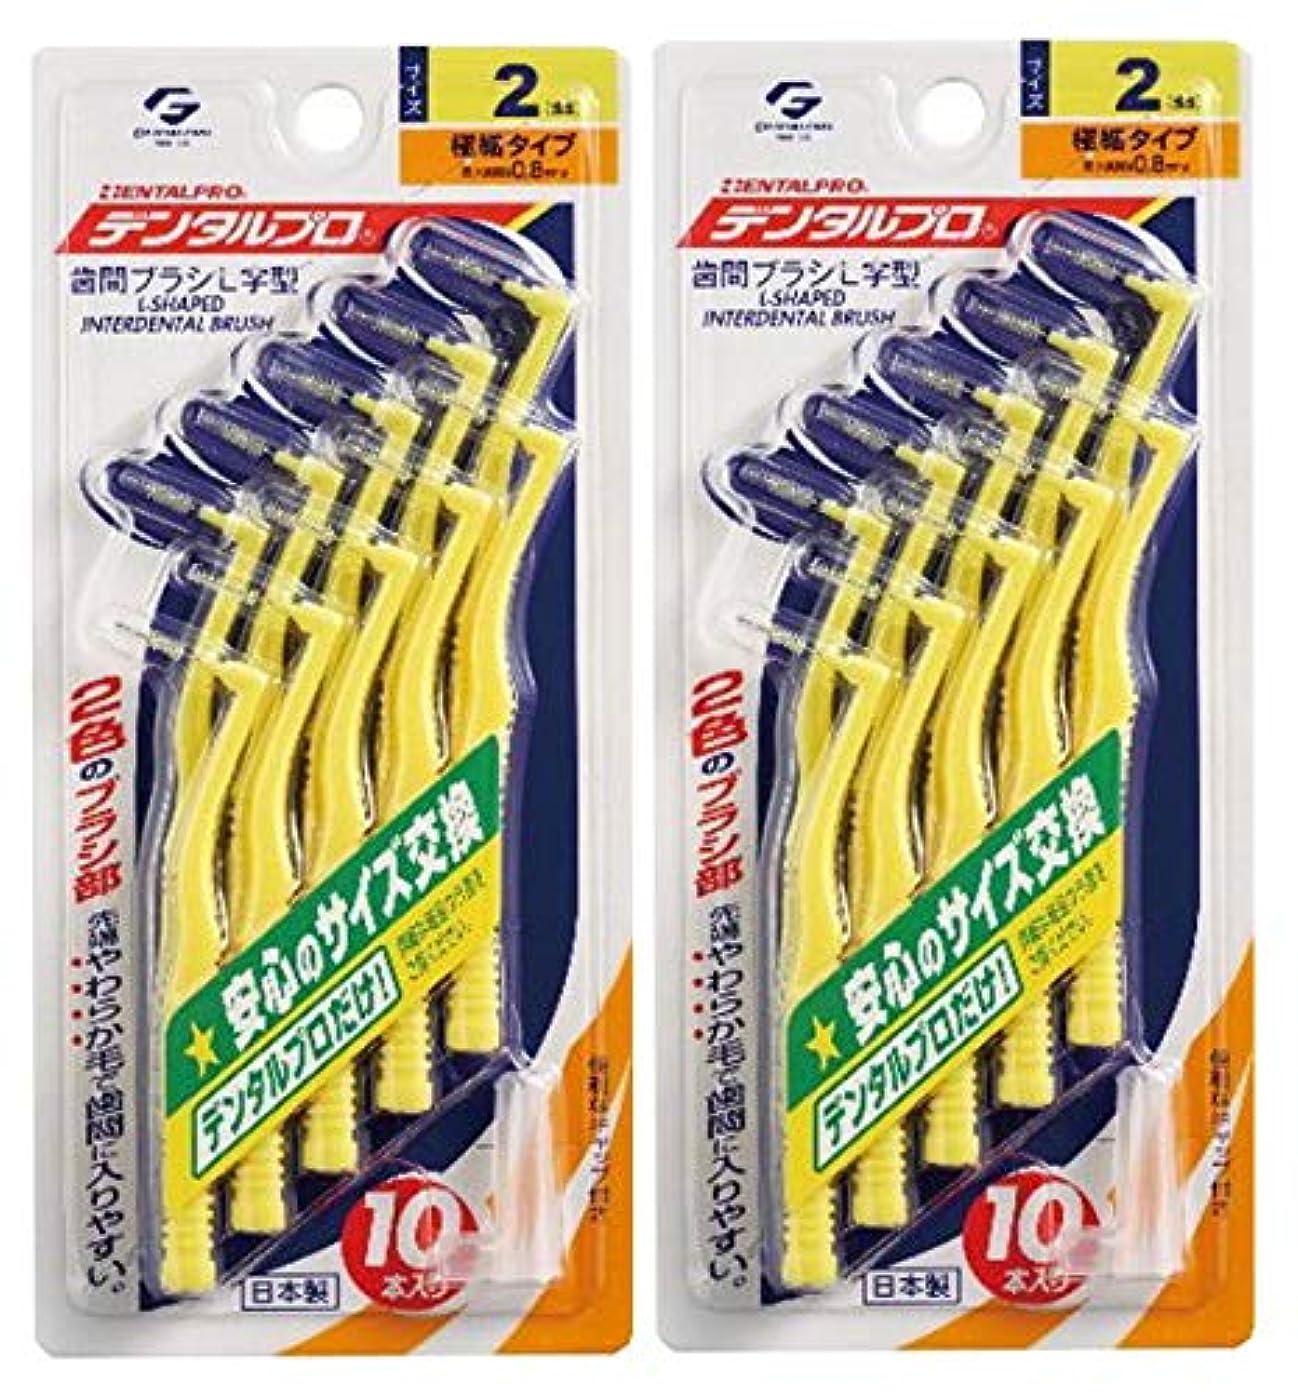 熱望するスナッチ憲法デンタルプロ 歯間ブラシ L字型 10本入 サイズ 2 (SS) × 2個セット